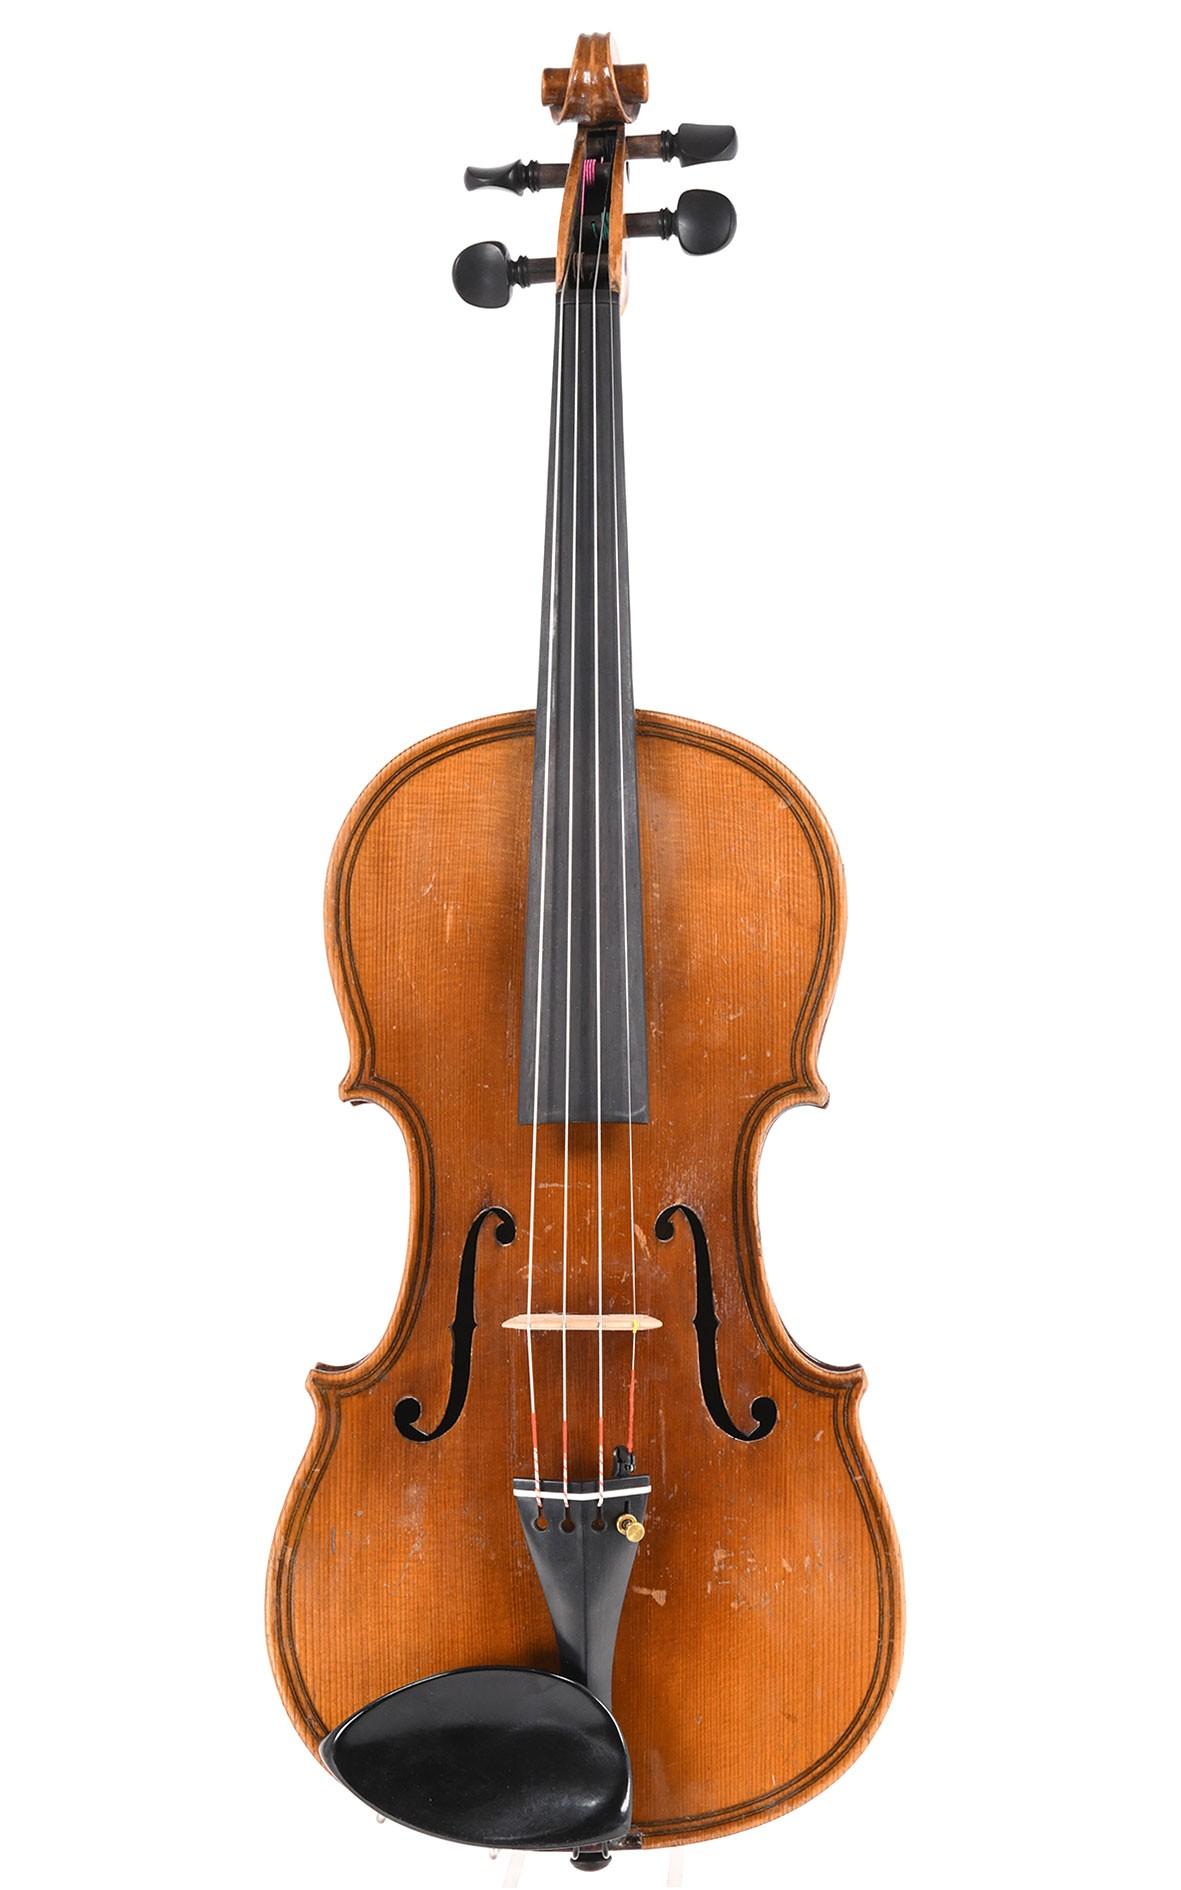 Vieux violon allemand d'après le modèle de Da Salo, années 1920